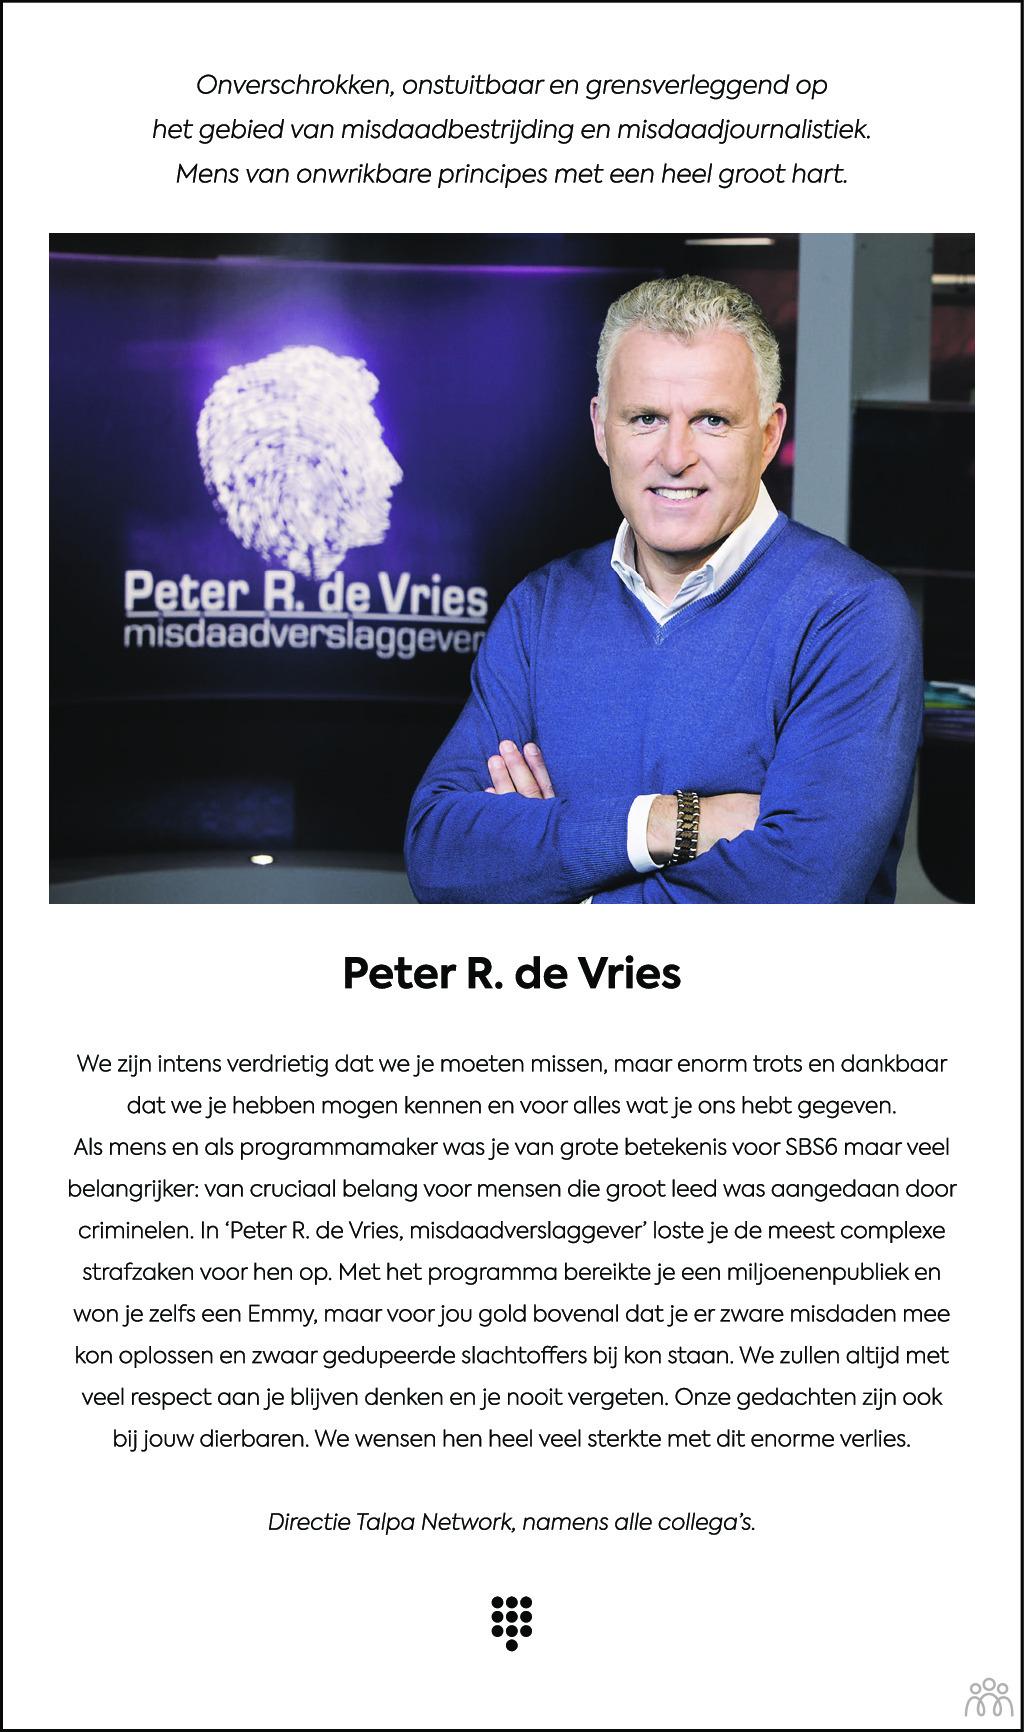 Overlijdensbericht van Peter R. de Vries in AD Algemeen Dagblad